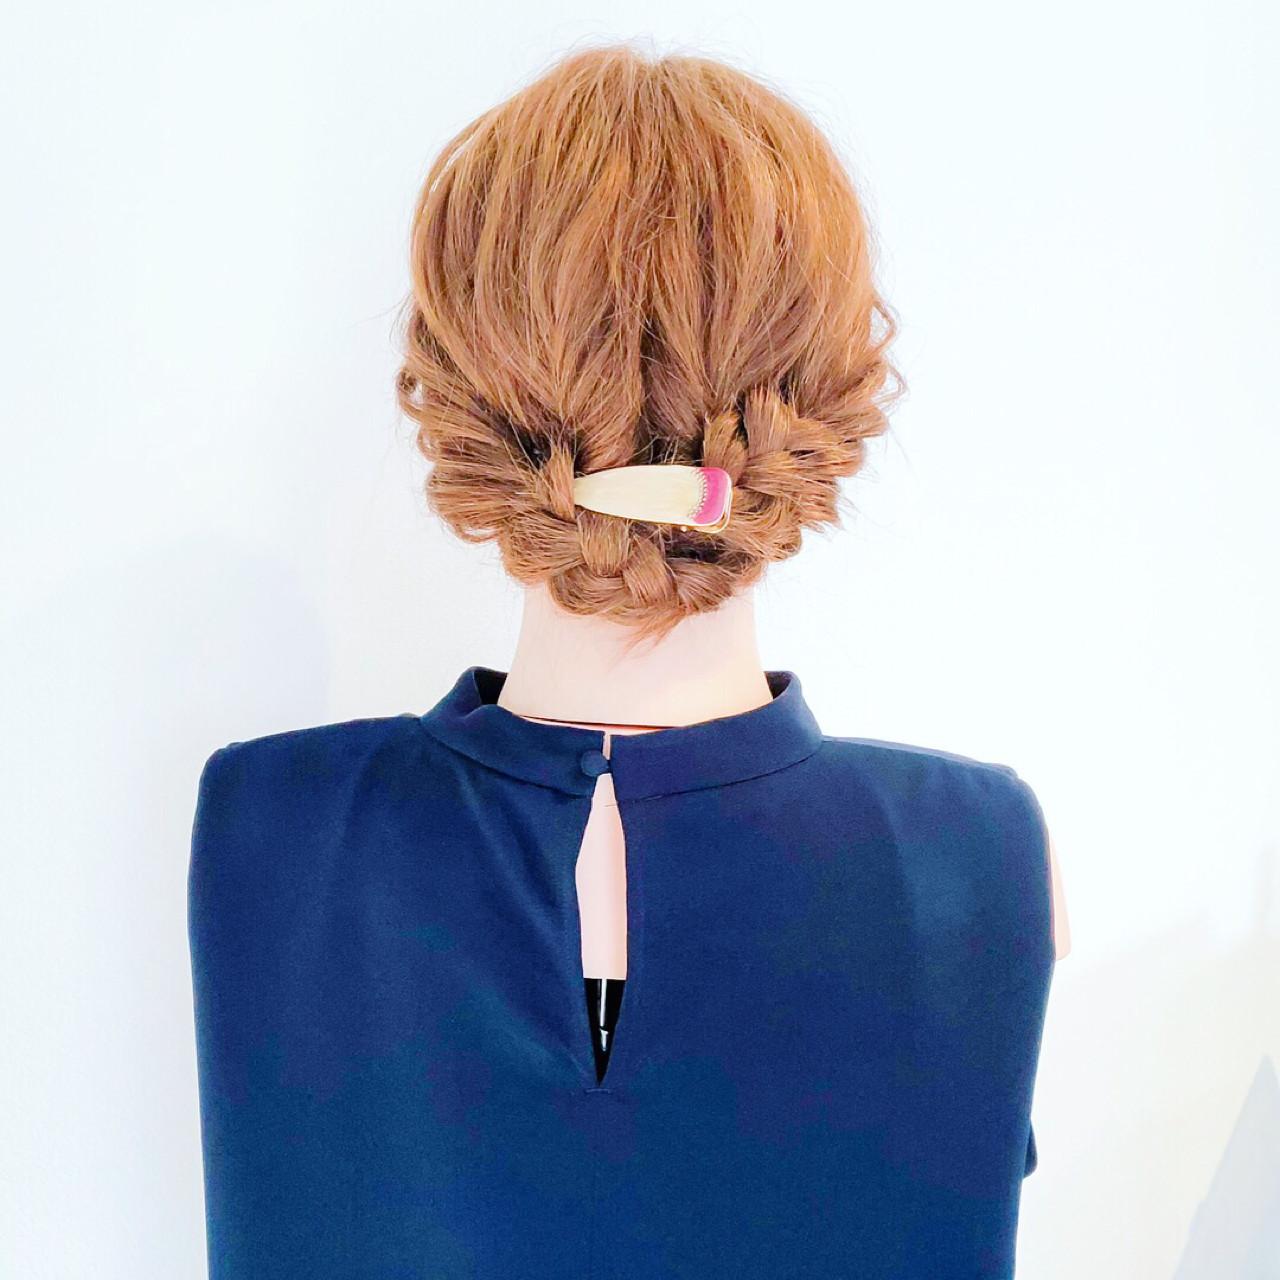 くるりんぱと三つ編みでシニヨンアレンジも簡単に HIRO